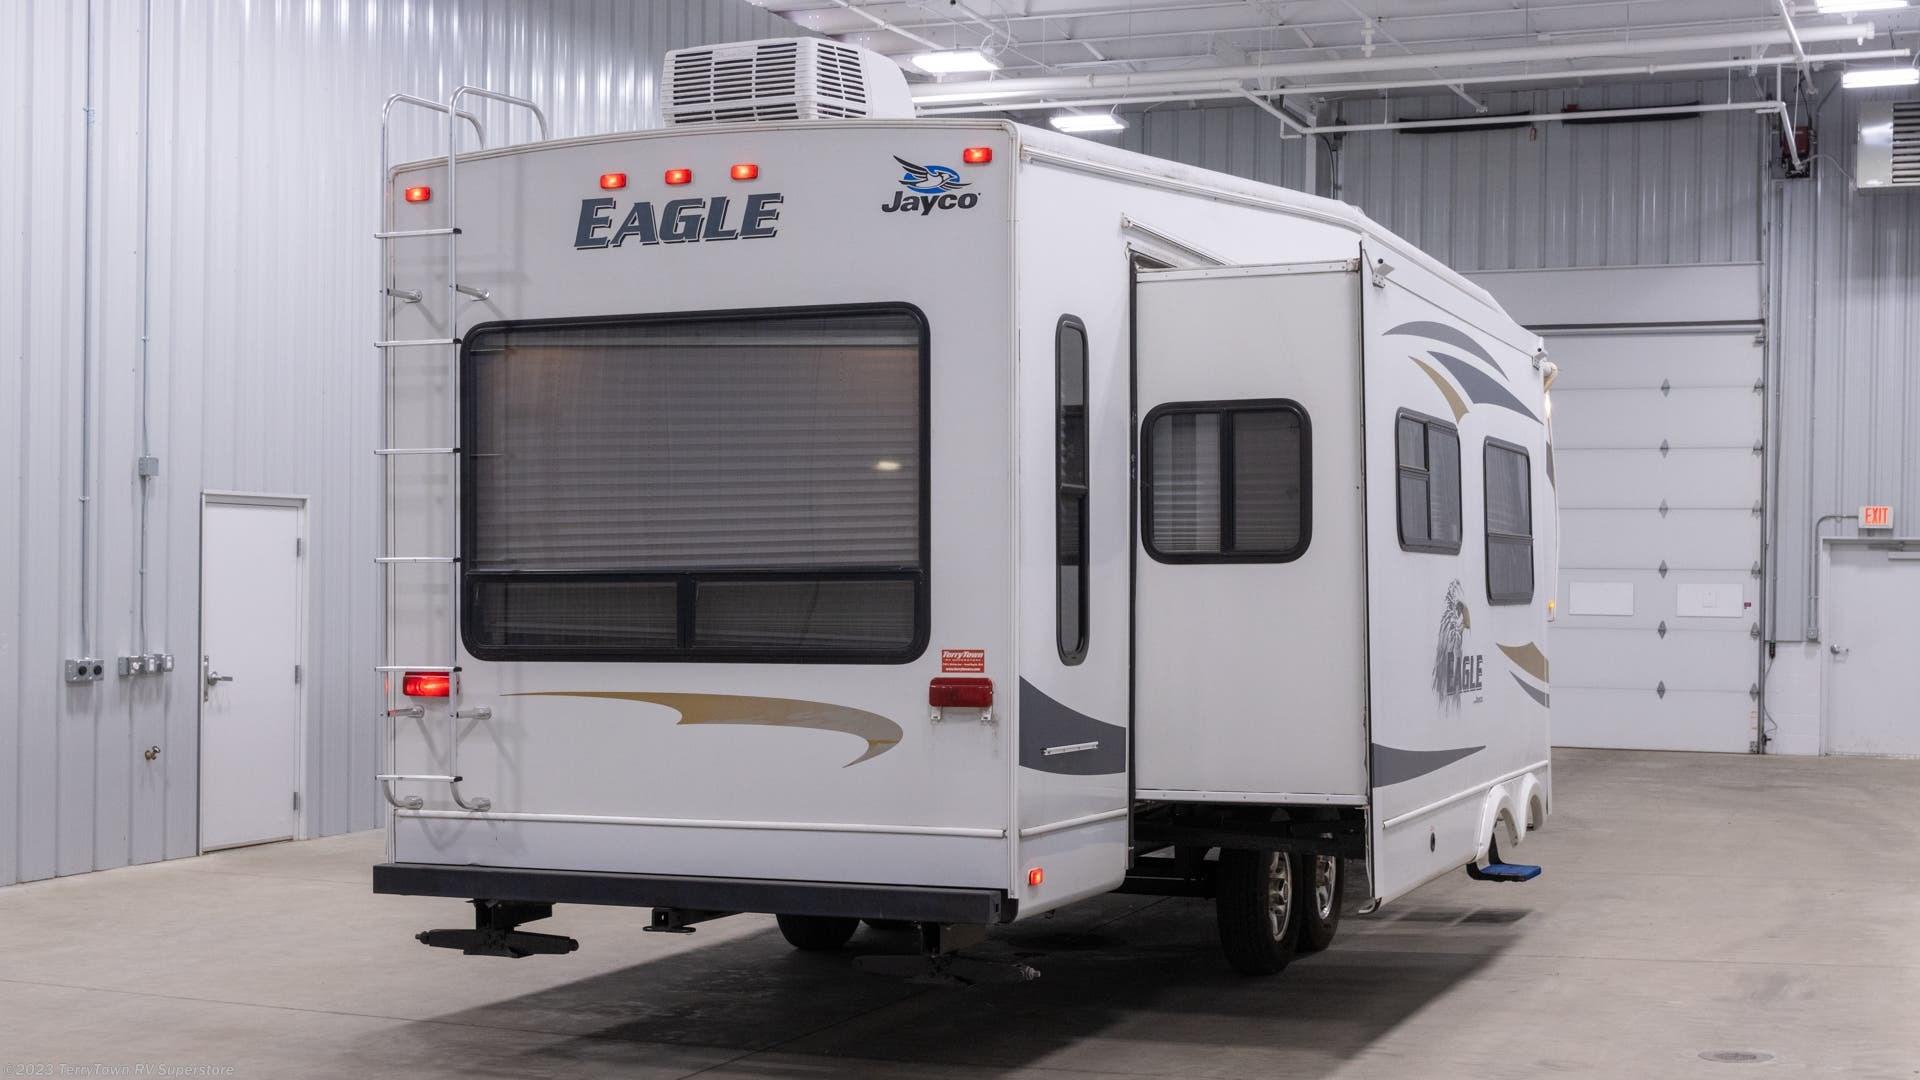 2009 Jayco Eagle 351RLSA RV for Sale in Grand Rapids, MI ...